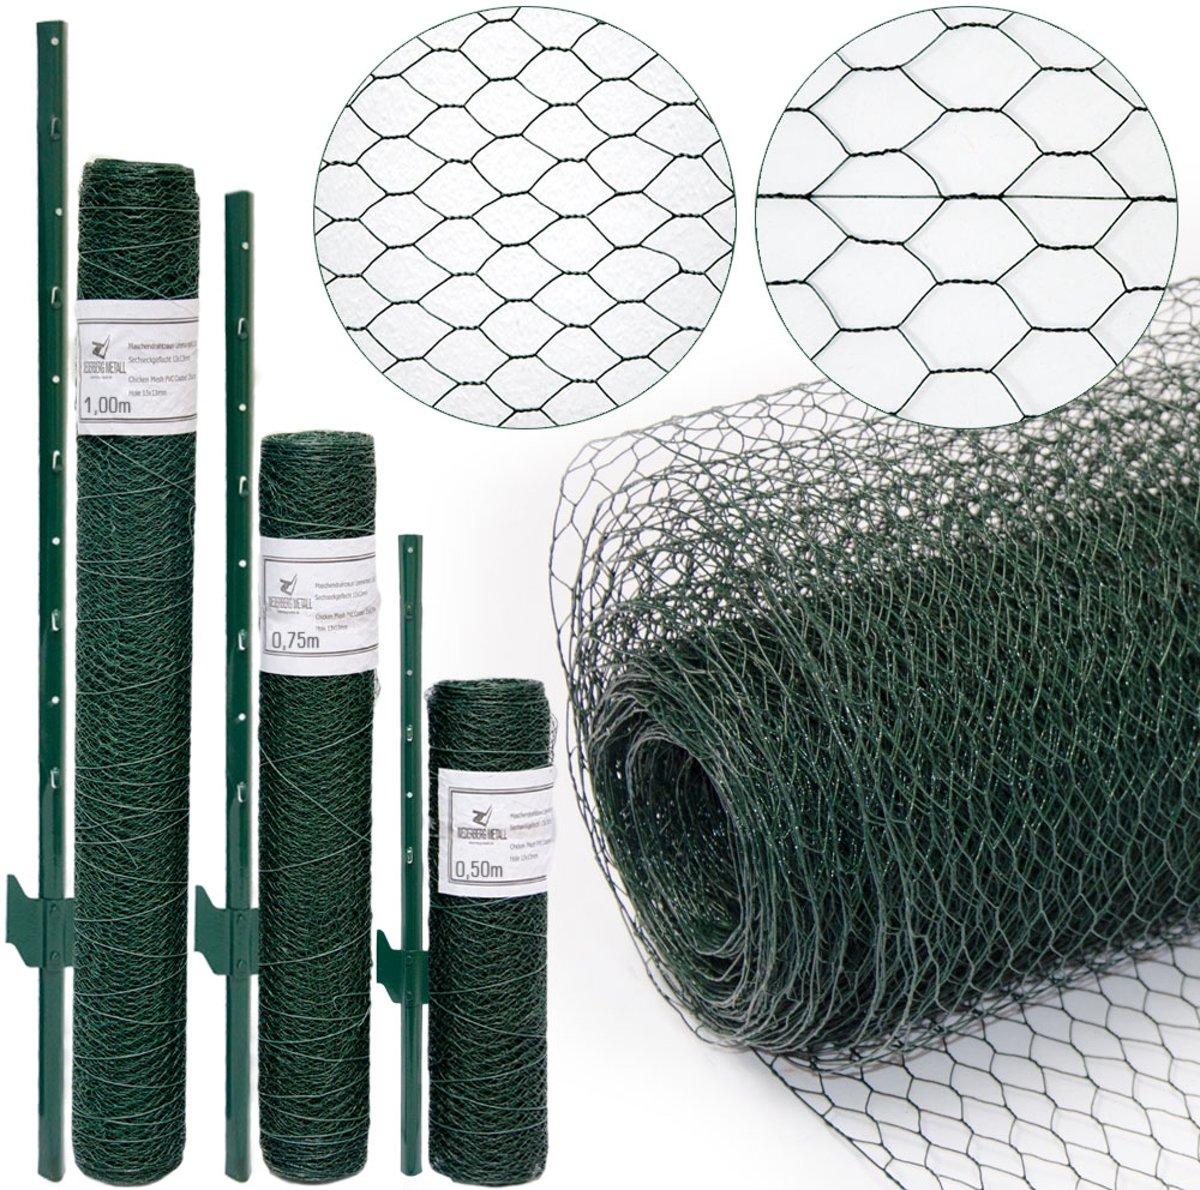 Gaashek set - 5m x 50cm hek - 4 palen - 25x25 hek set Gegalvaniseerd groen